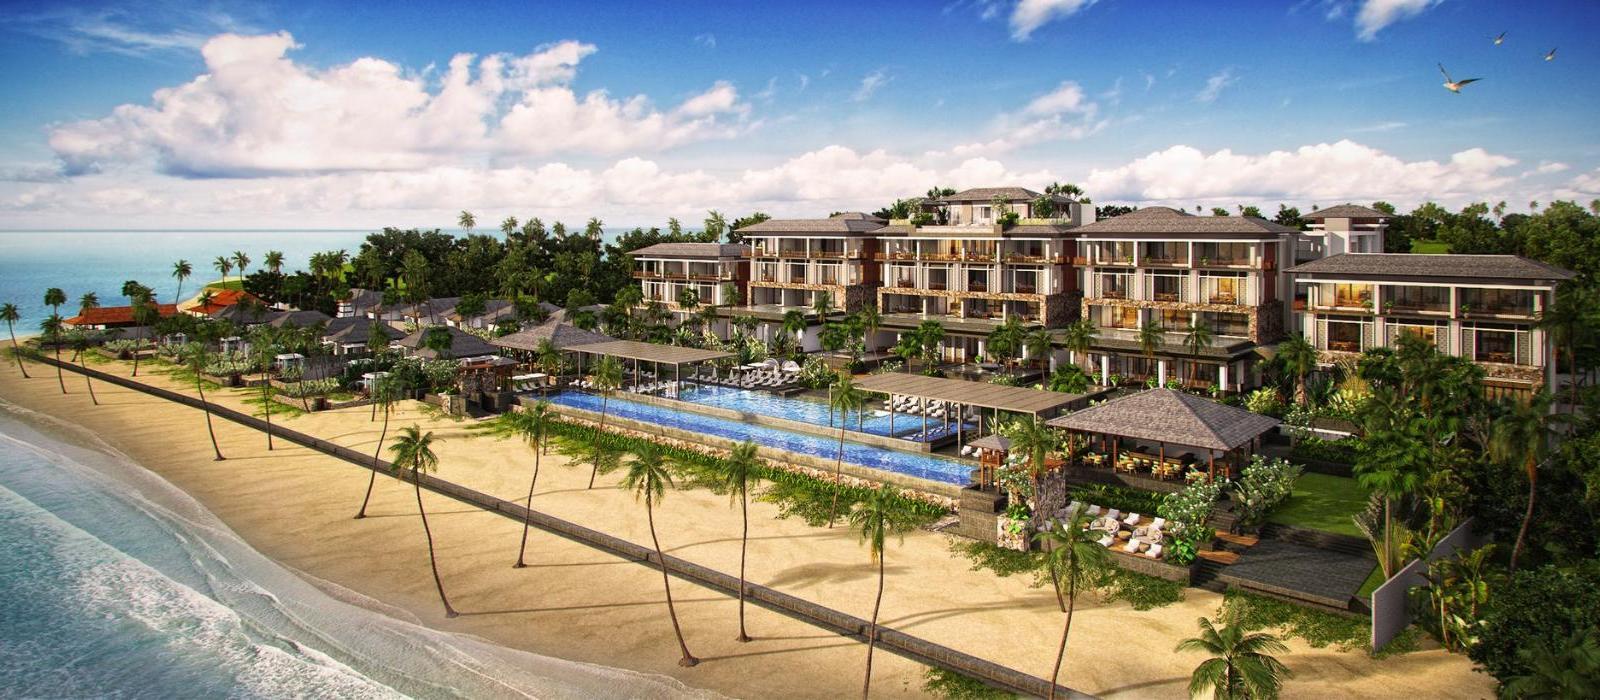 龙目岛乐吉安度假酒店(The Legian Sire, Lombok) 图片  www.lhw.cn